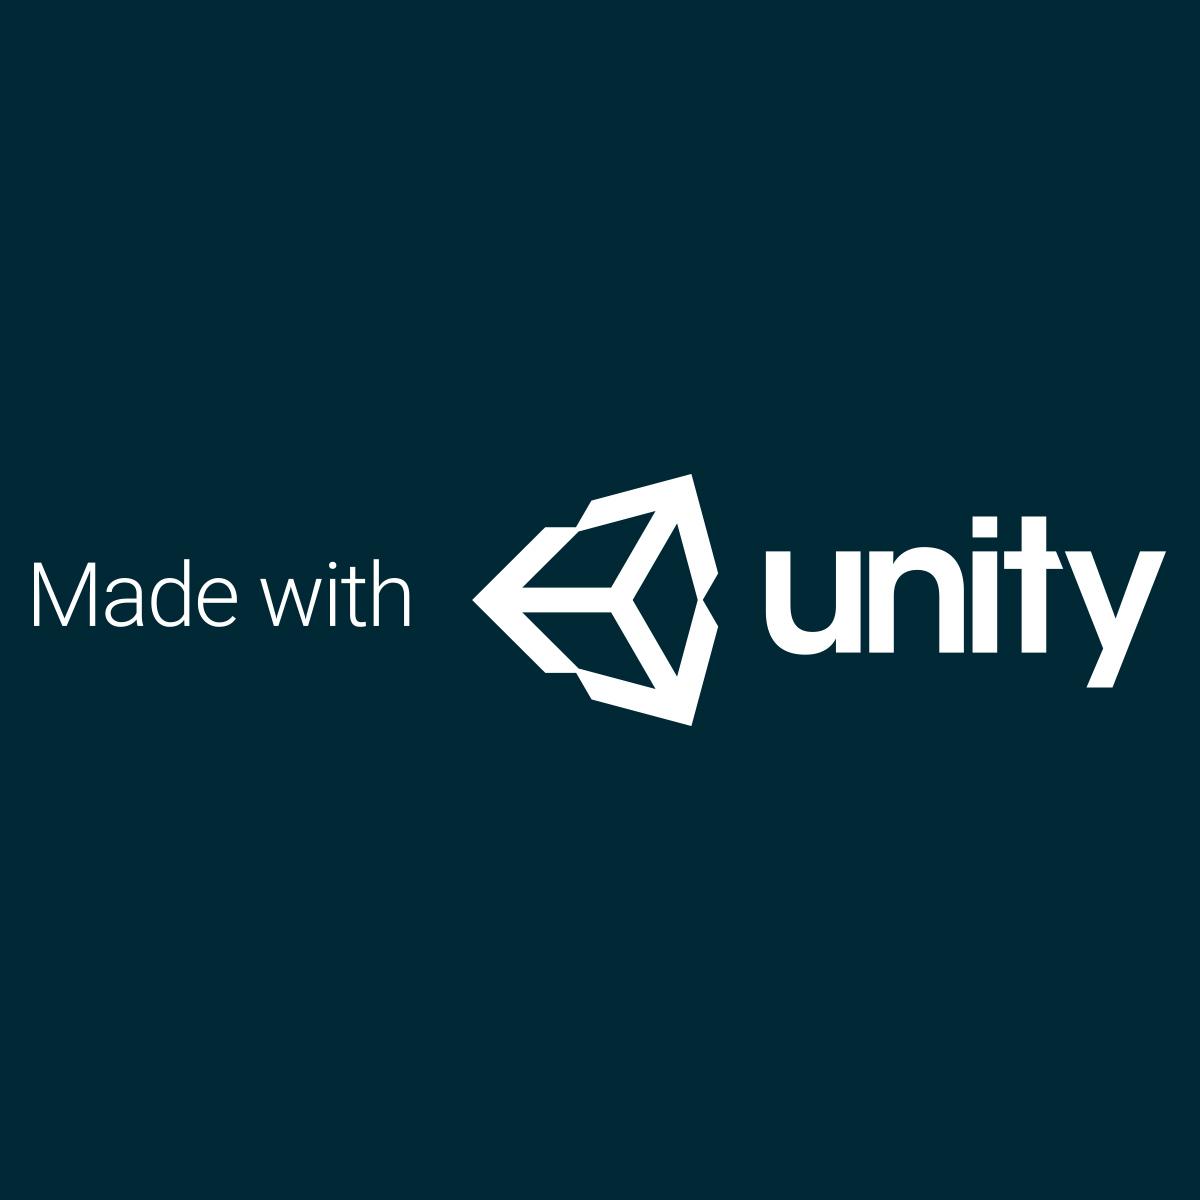 unityの意味 - goo辞書 英和和英